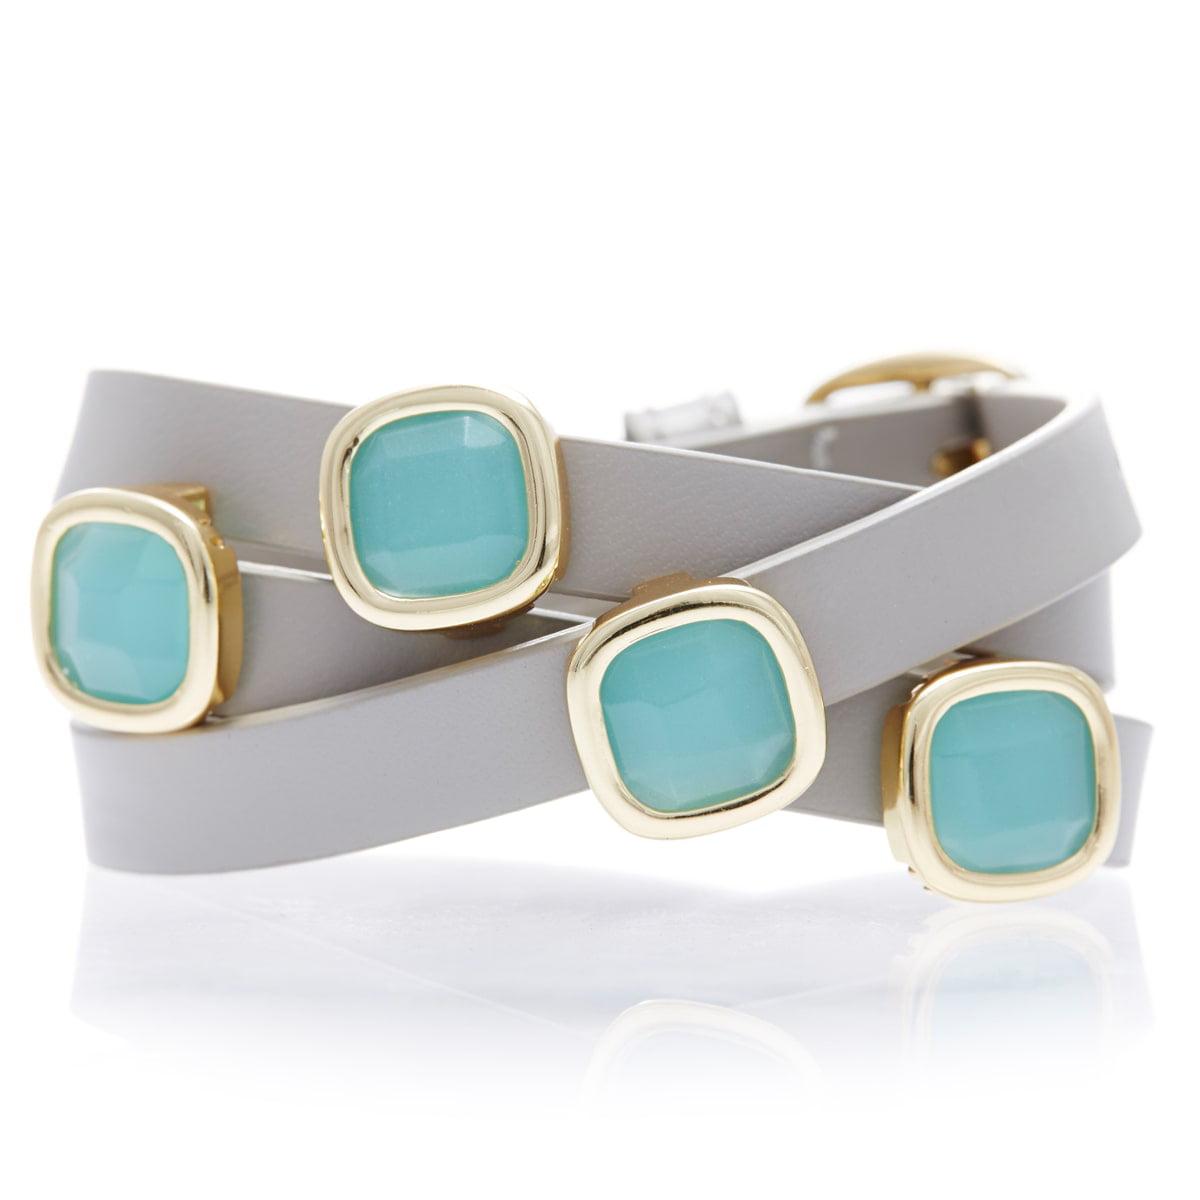 Sacred Jewels Alchemy Jewelry 18k Goldplated Peru Chalcedony Gemstone Leather Wrap Bracelet by Overstock